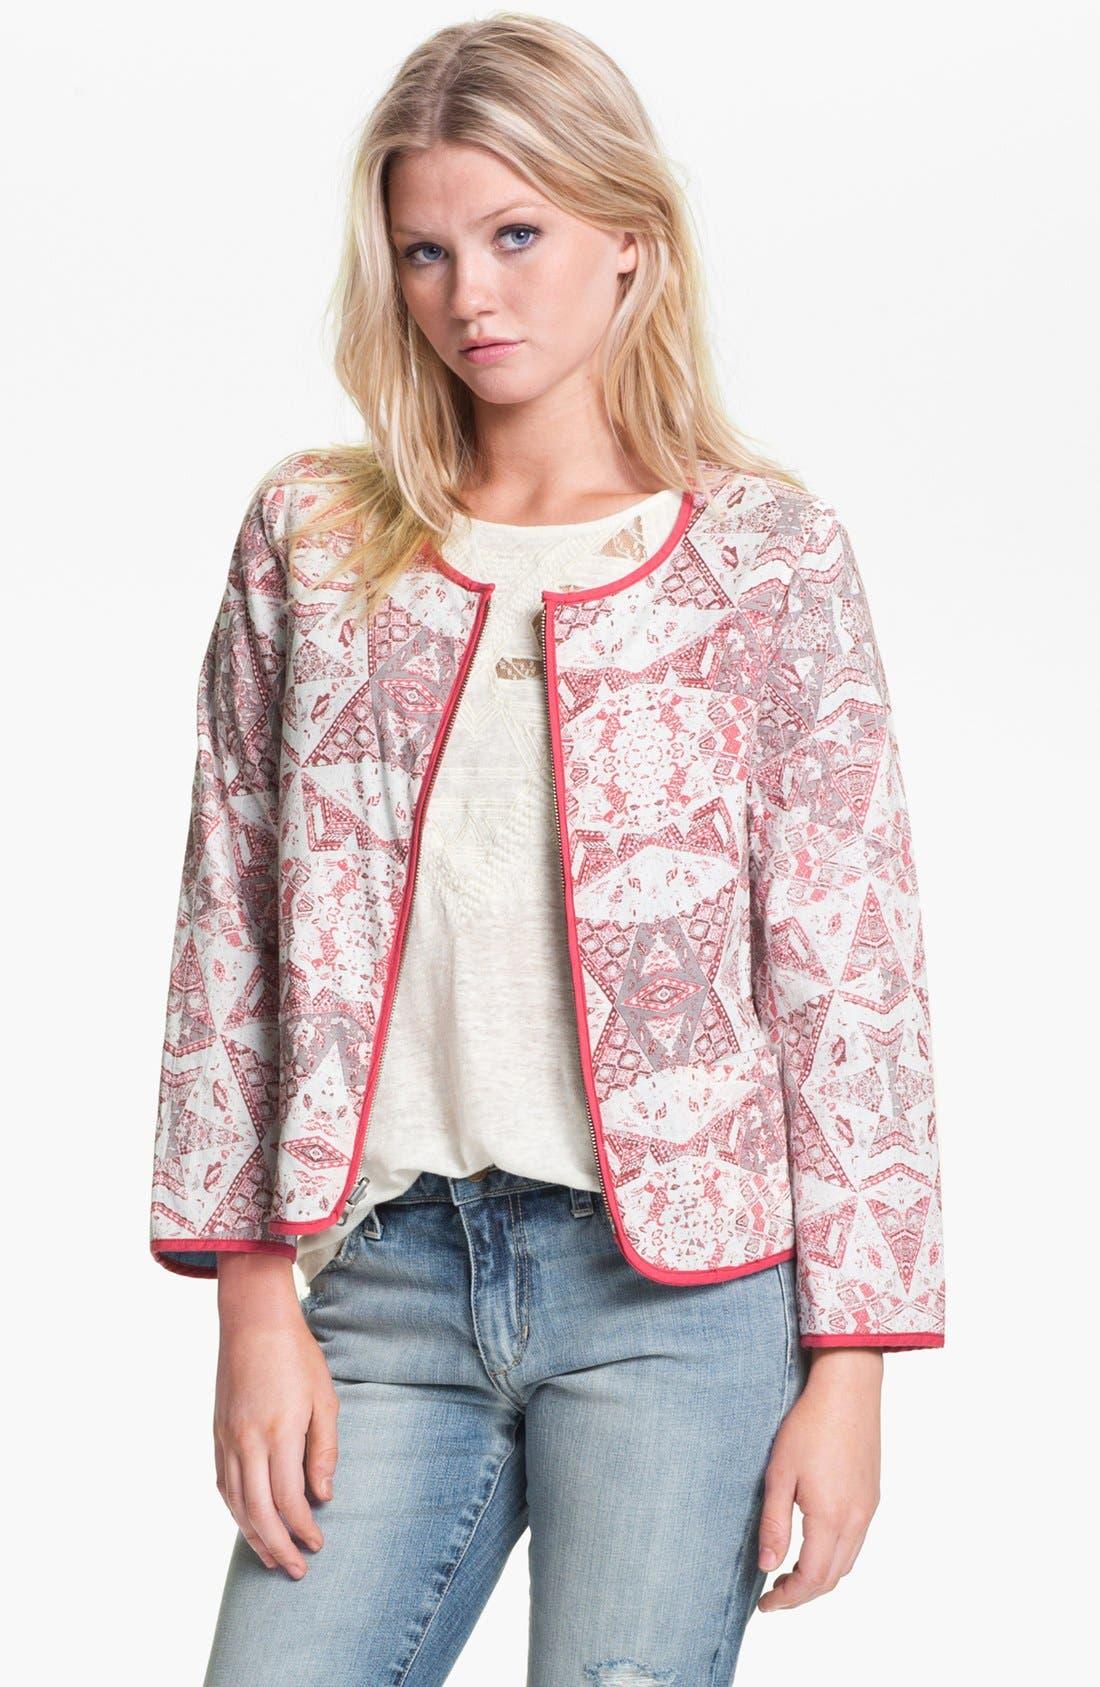 Main Image - Sanctuary Quilt Print Jacket